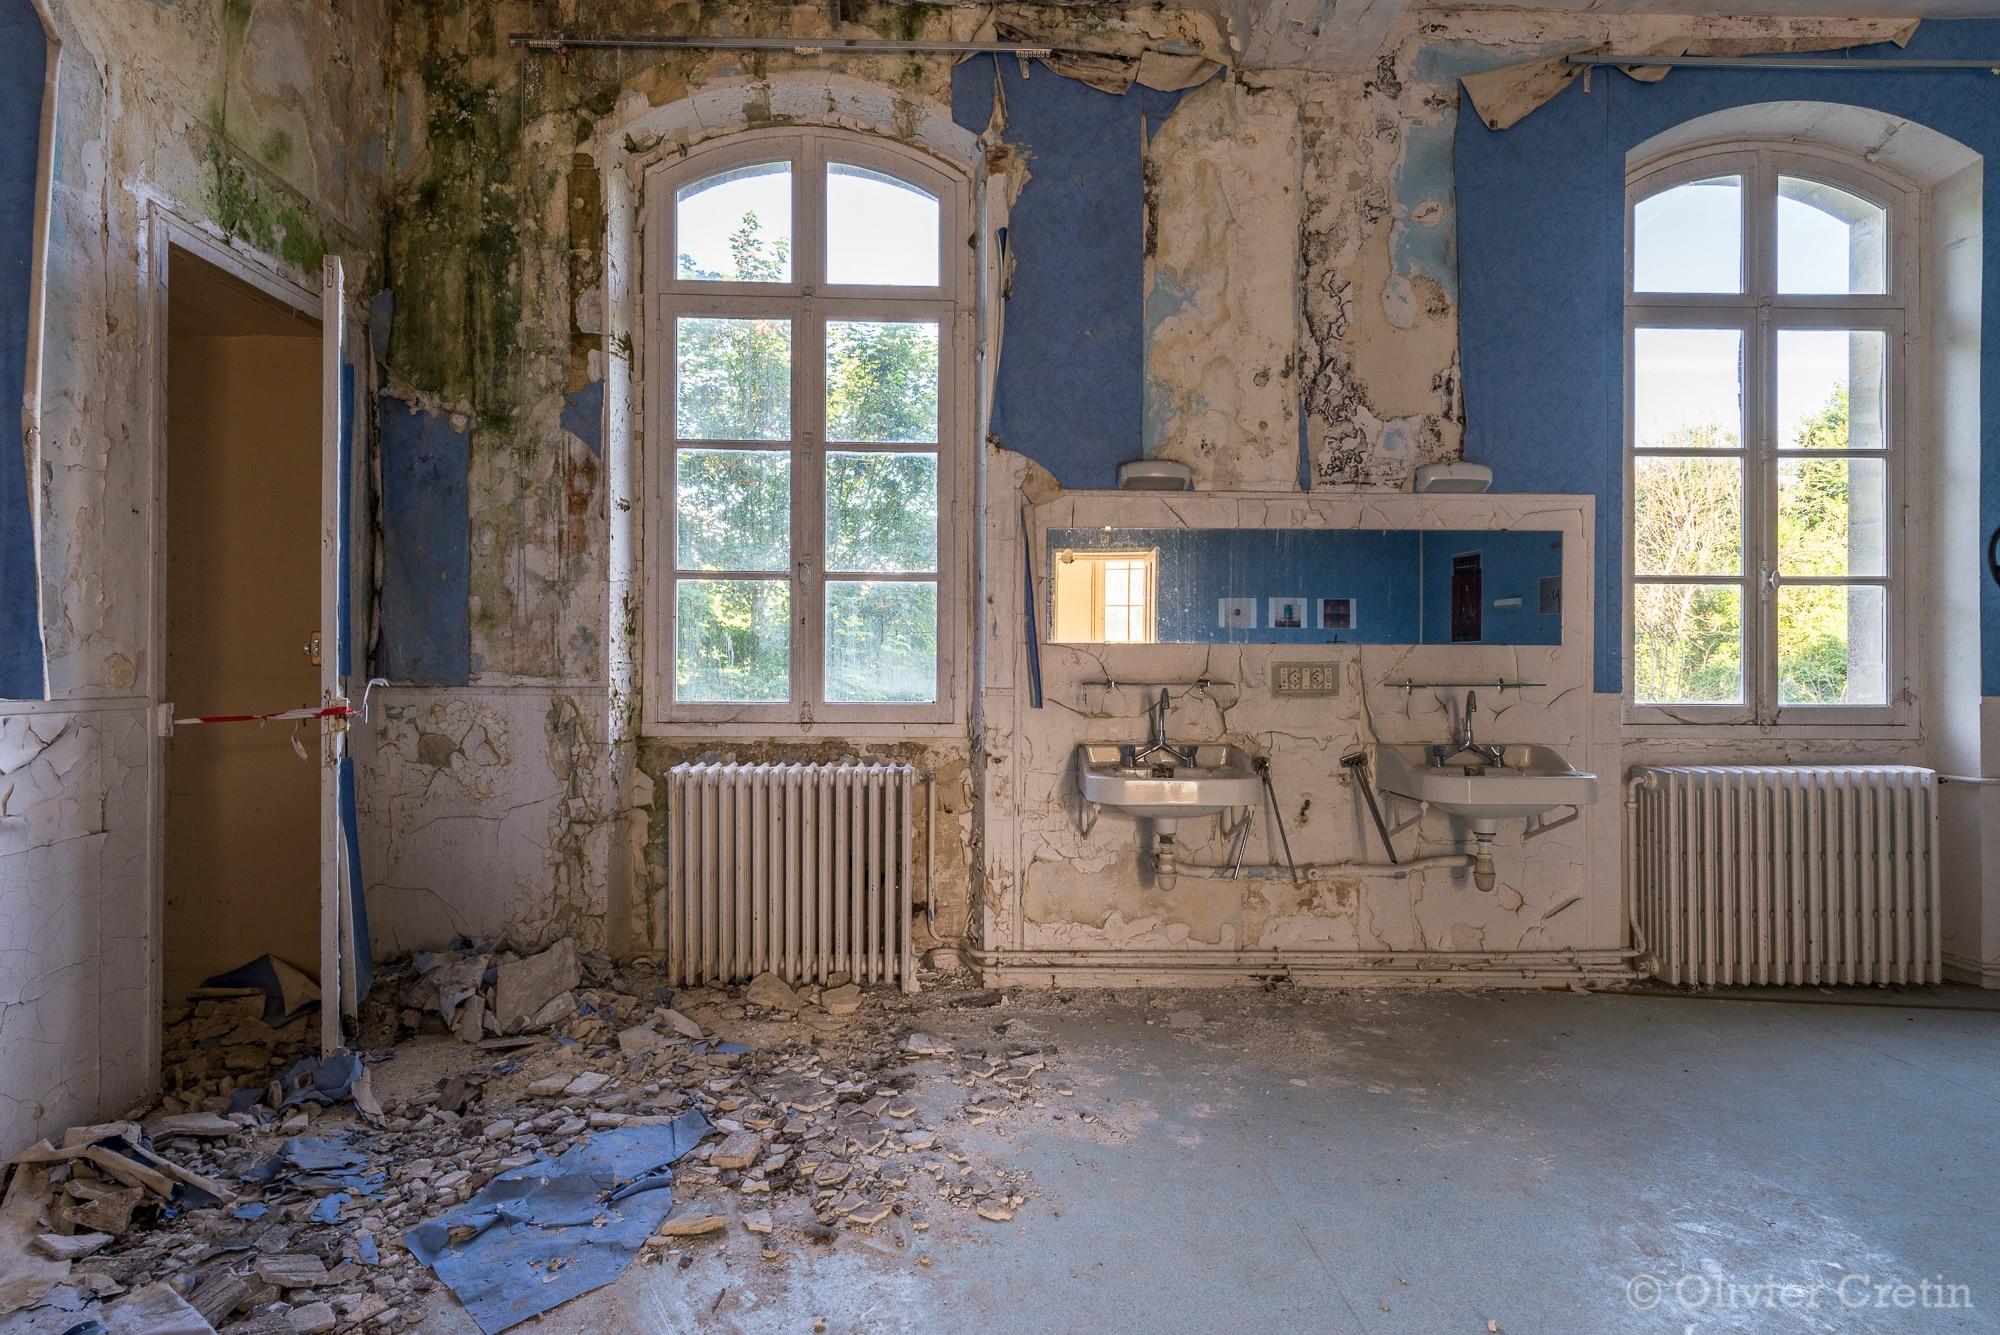 Lavabo archives olivier cretin - Salle de bain hopital ...